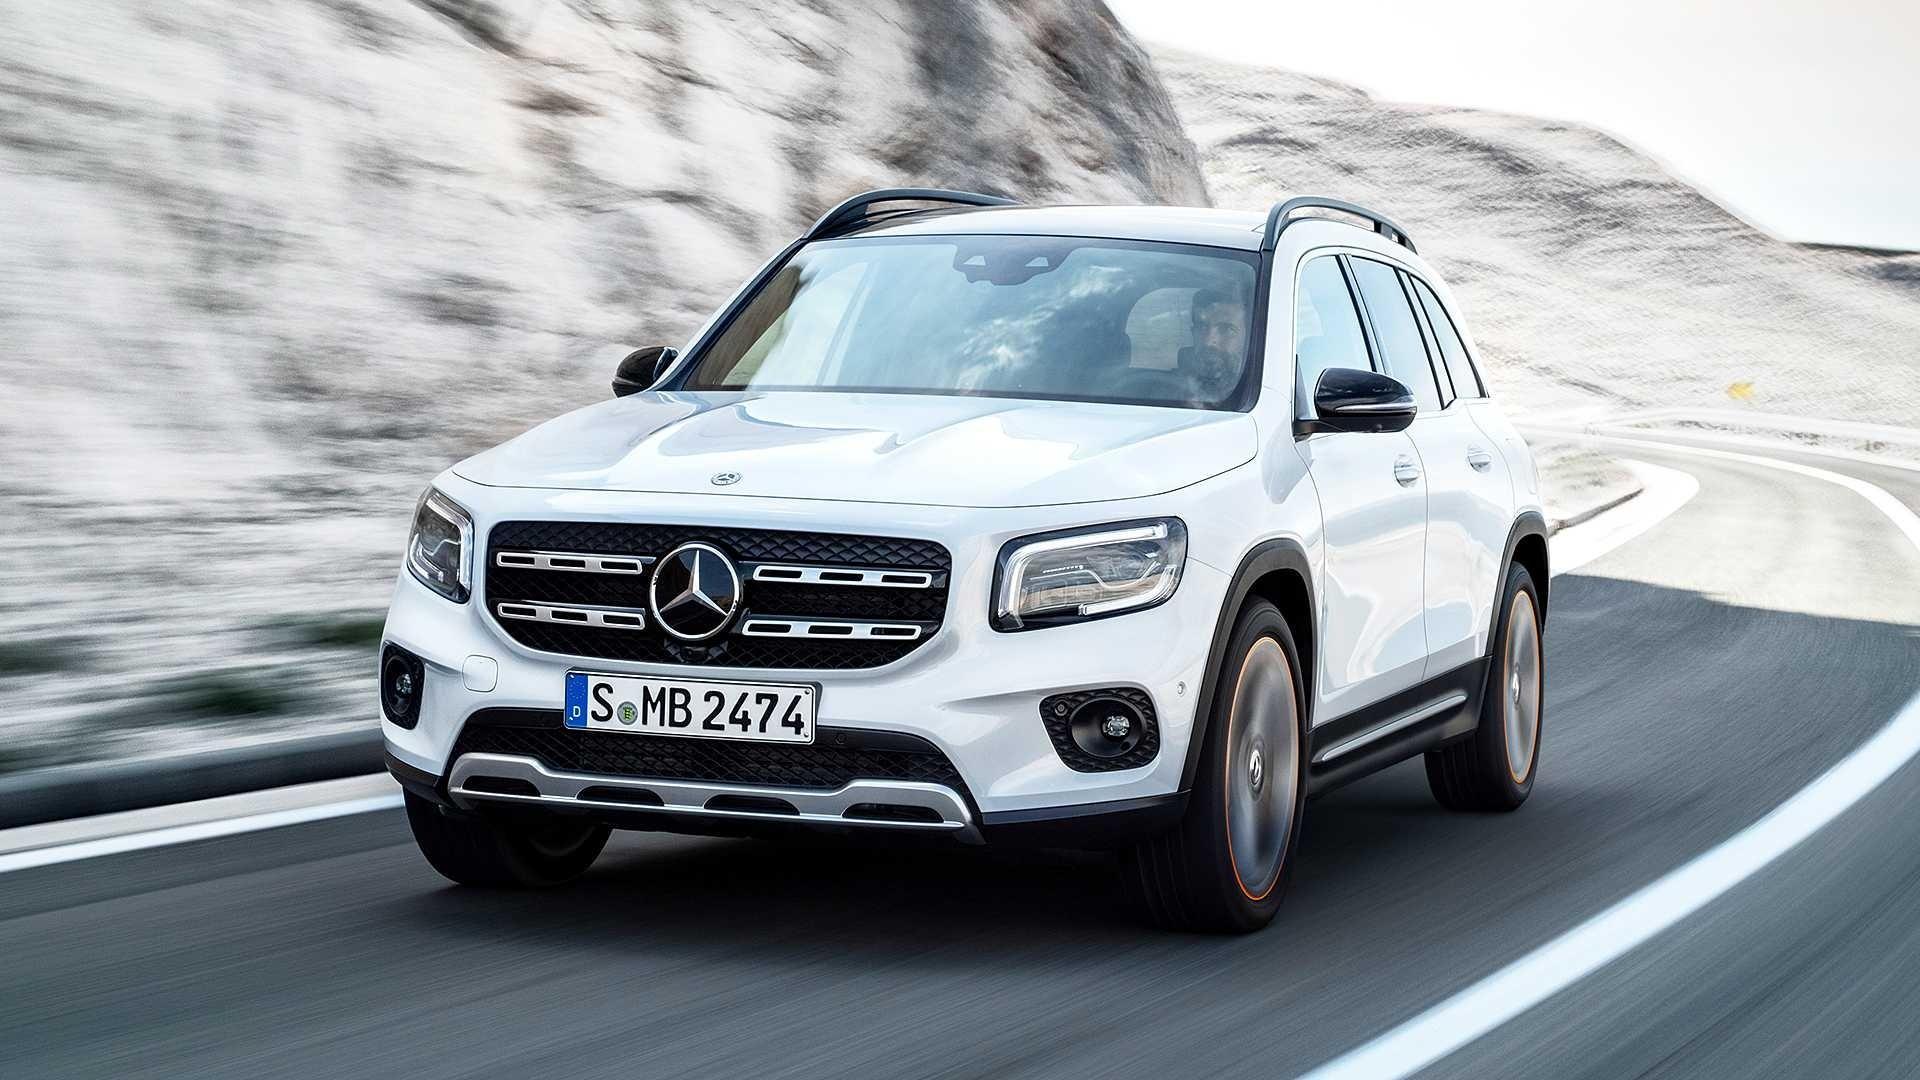 Mercedes Benz Glb Suv De 7 Lugares Chega Ao Pais Por R 299 900 21 10 2020 Uol Carros